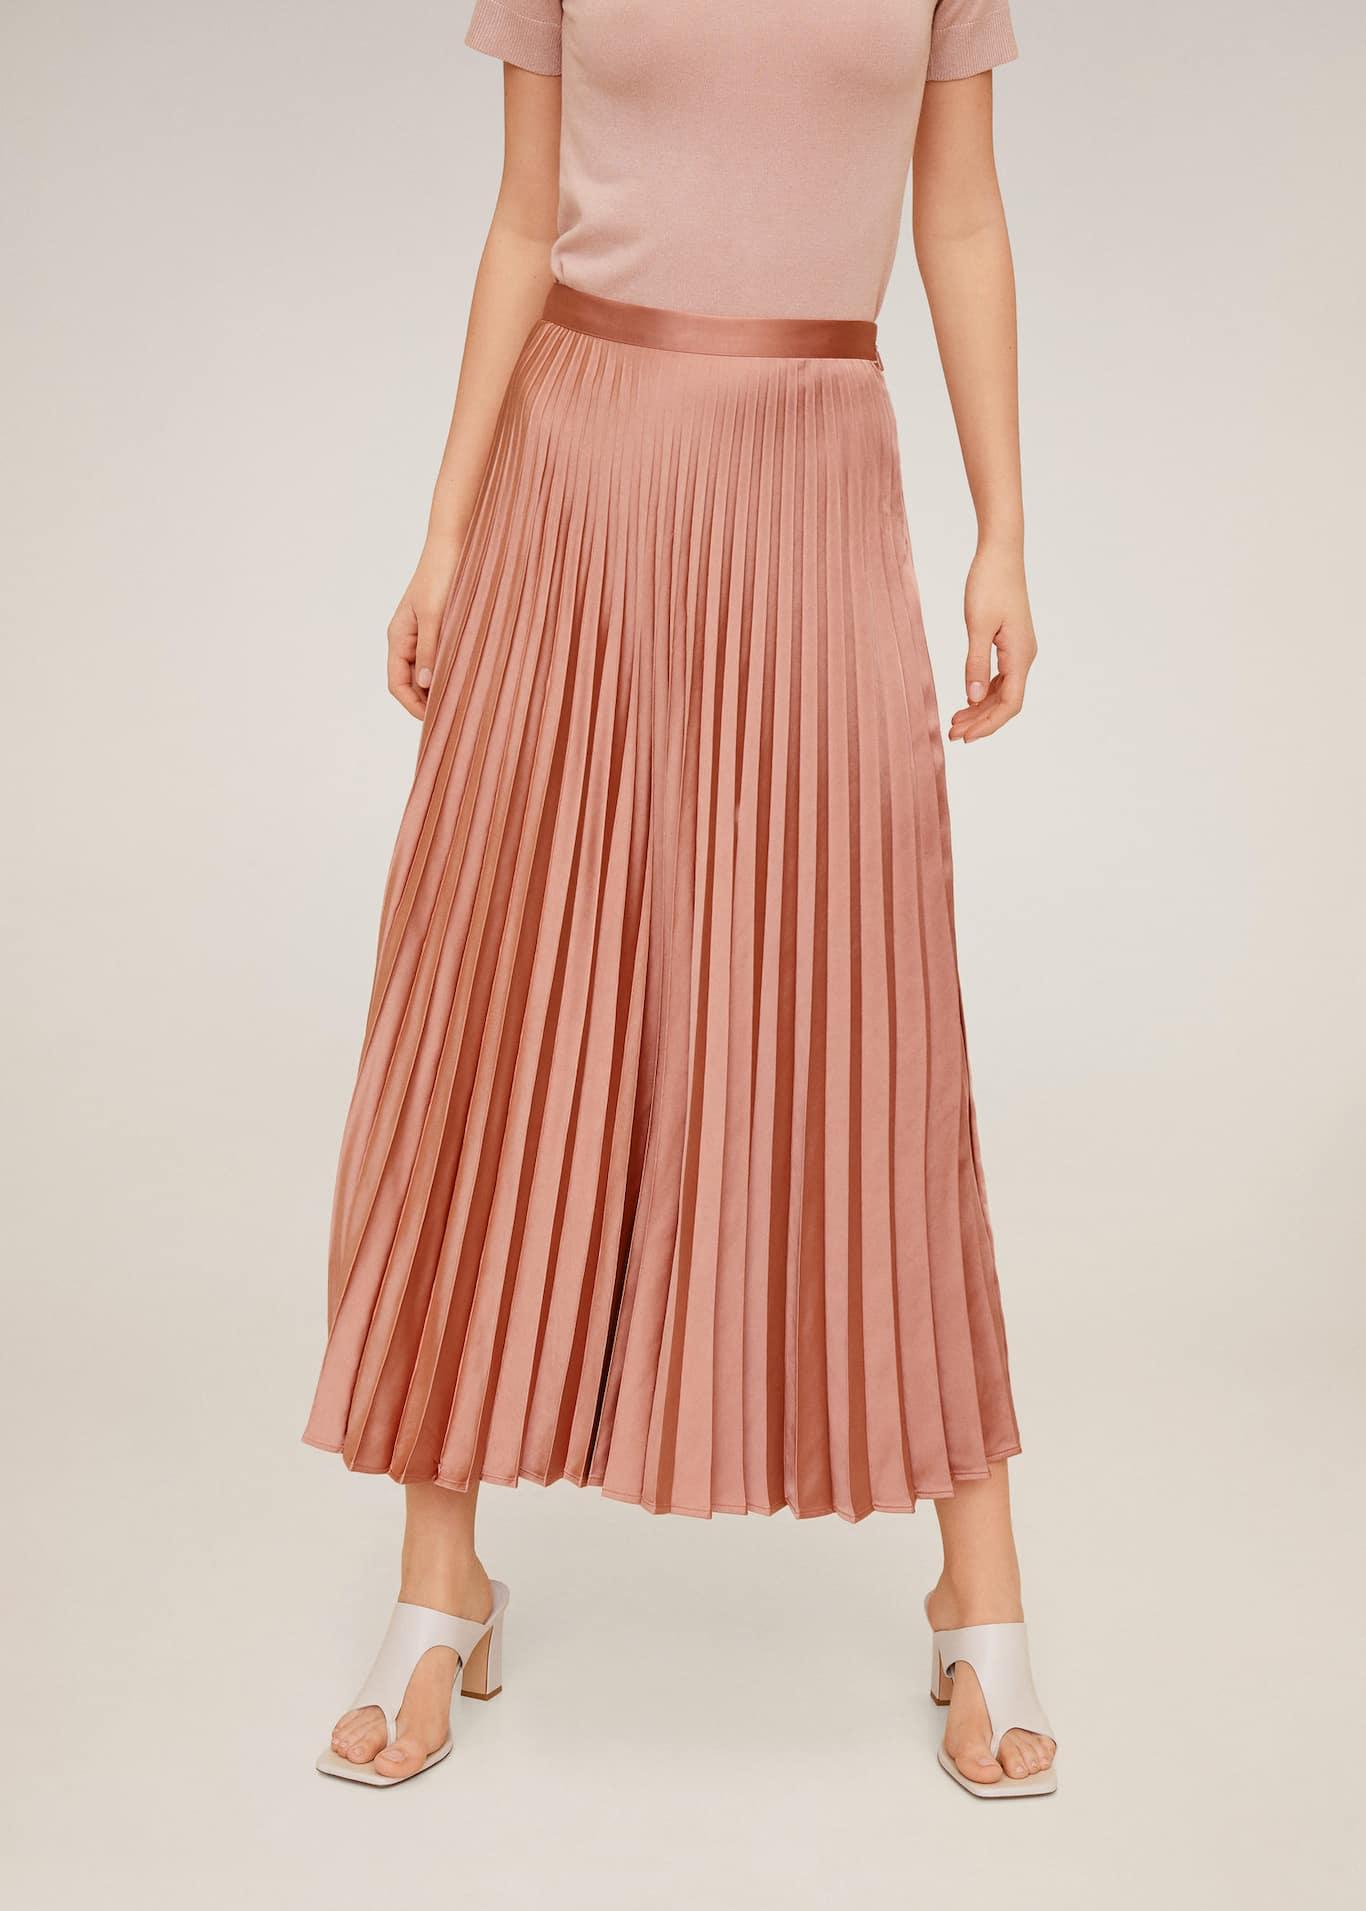 Falda midi plisada - Plano medio